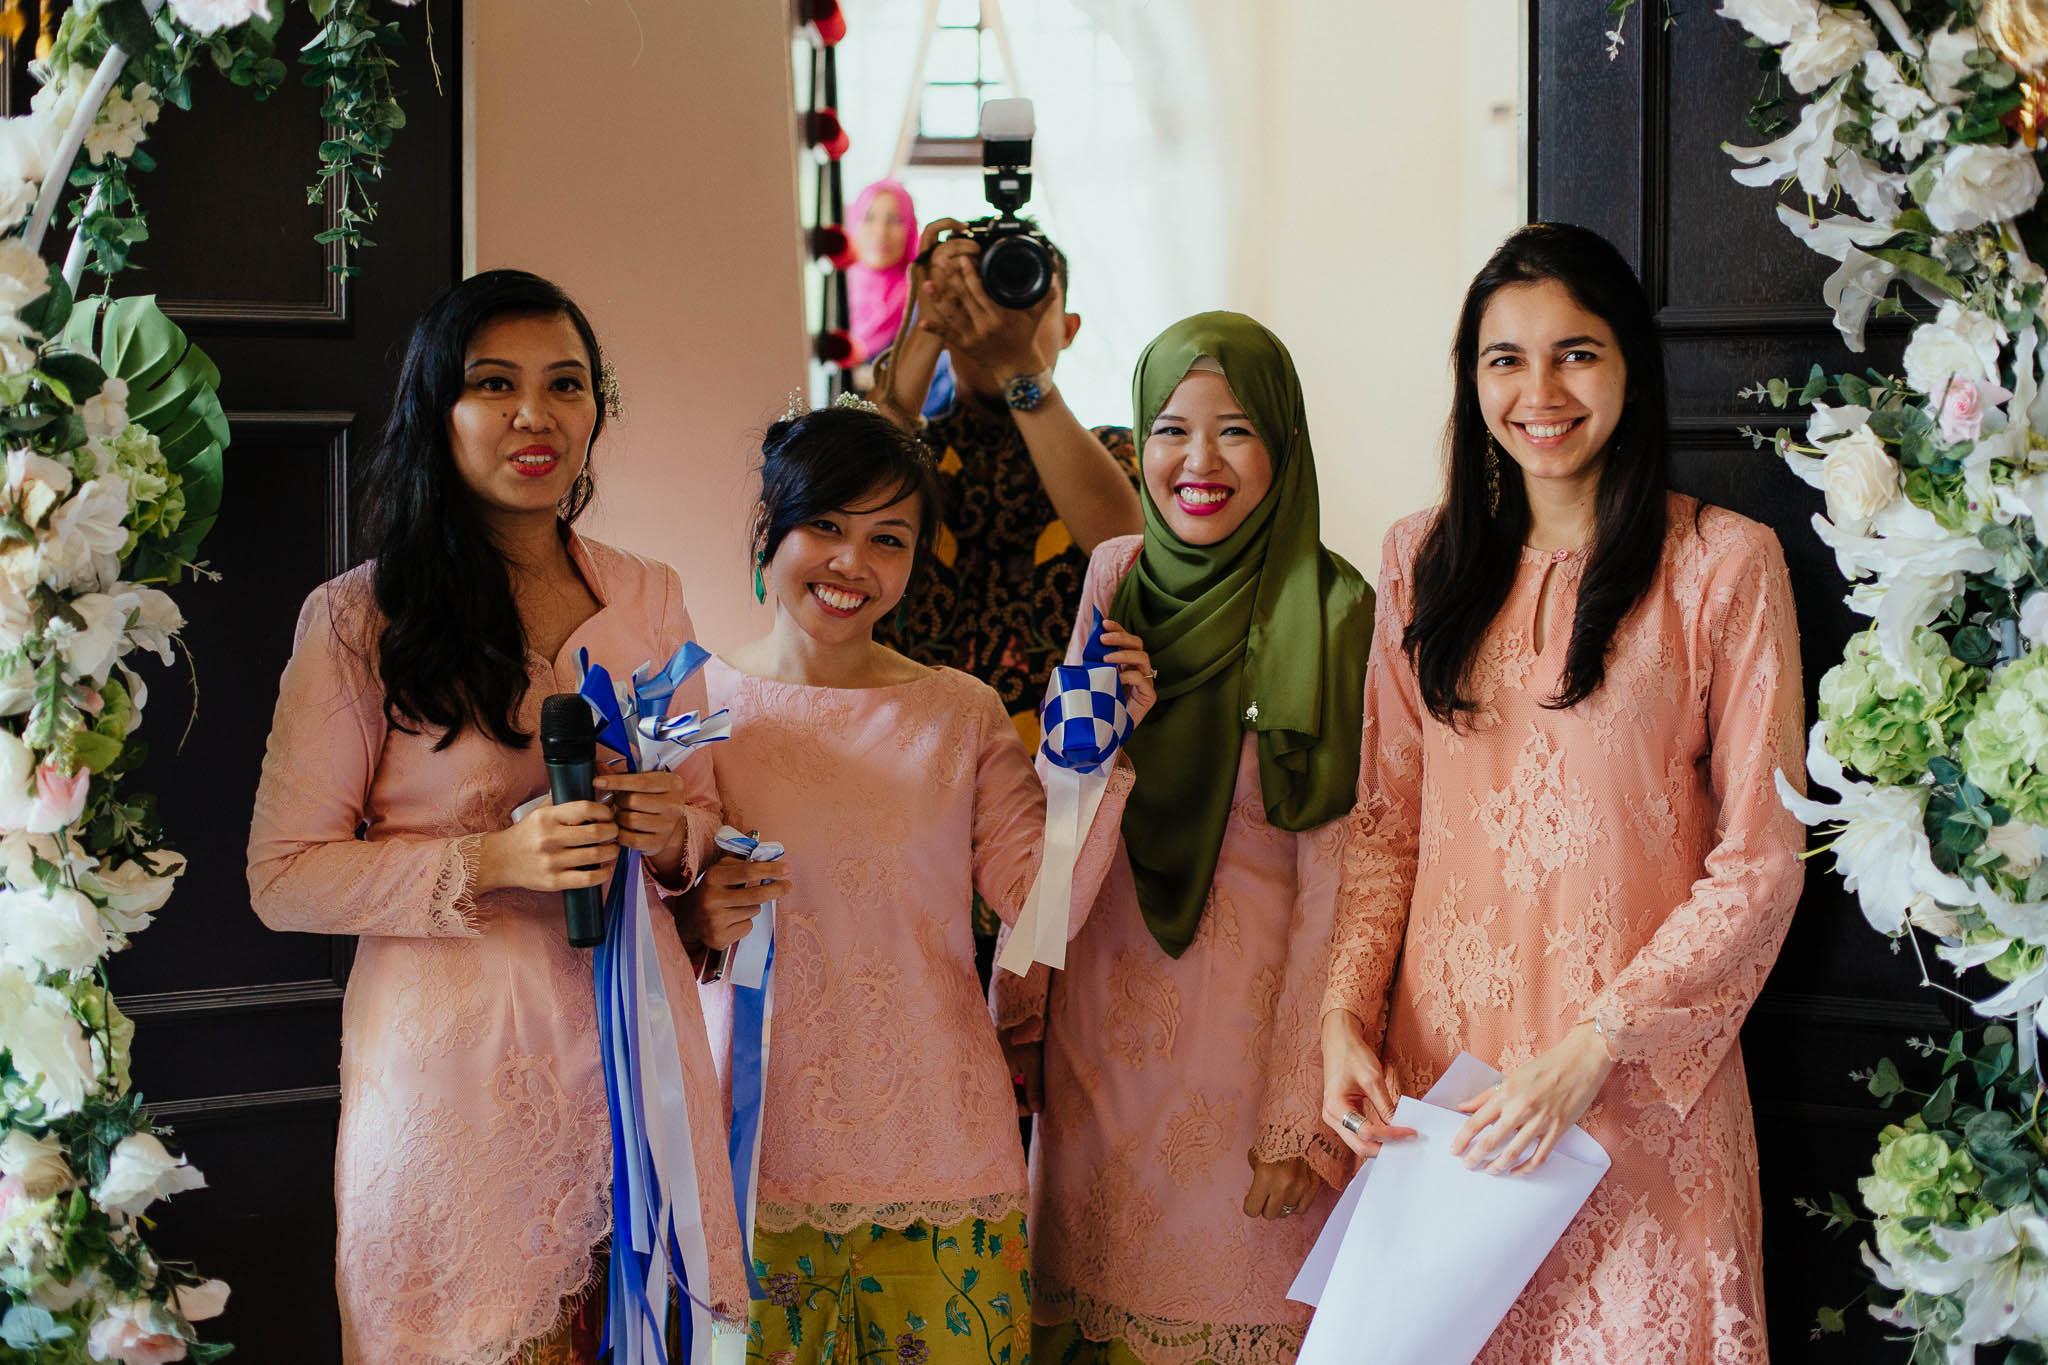 singapore-wedding-photographer-travel-wemadethese-atara-hafizah-48.jpg